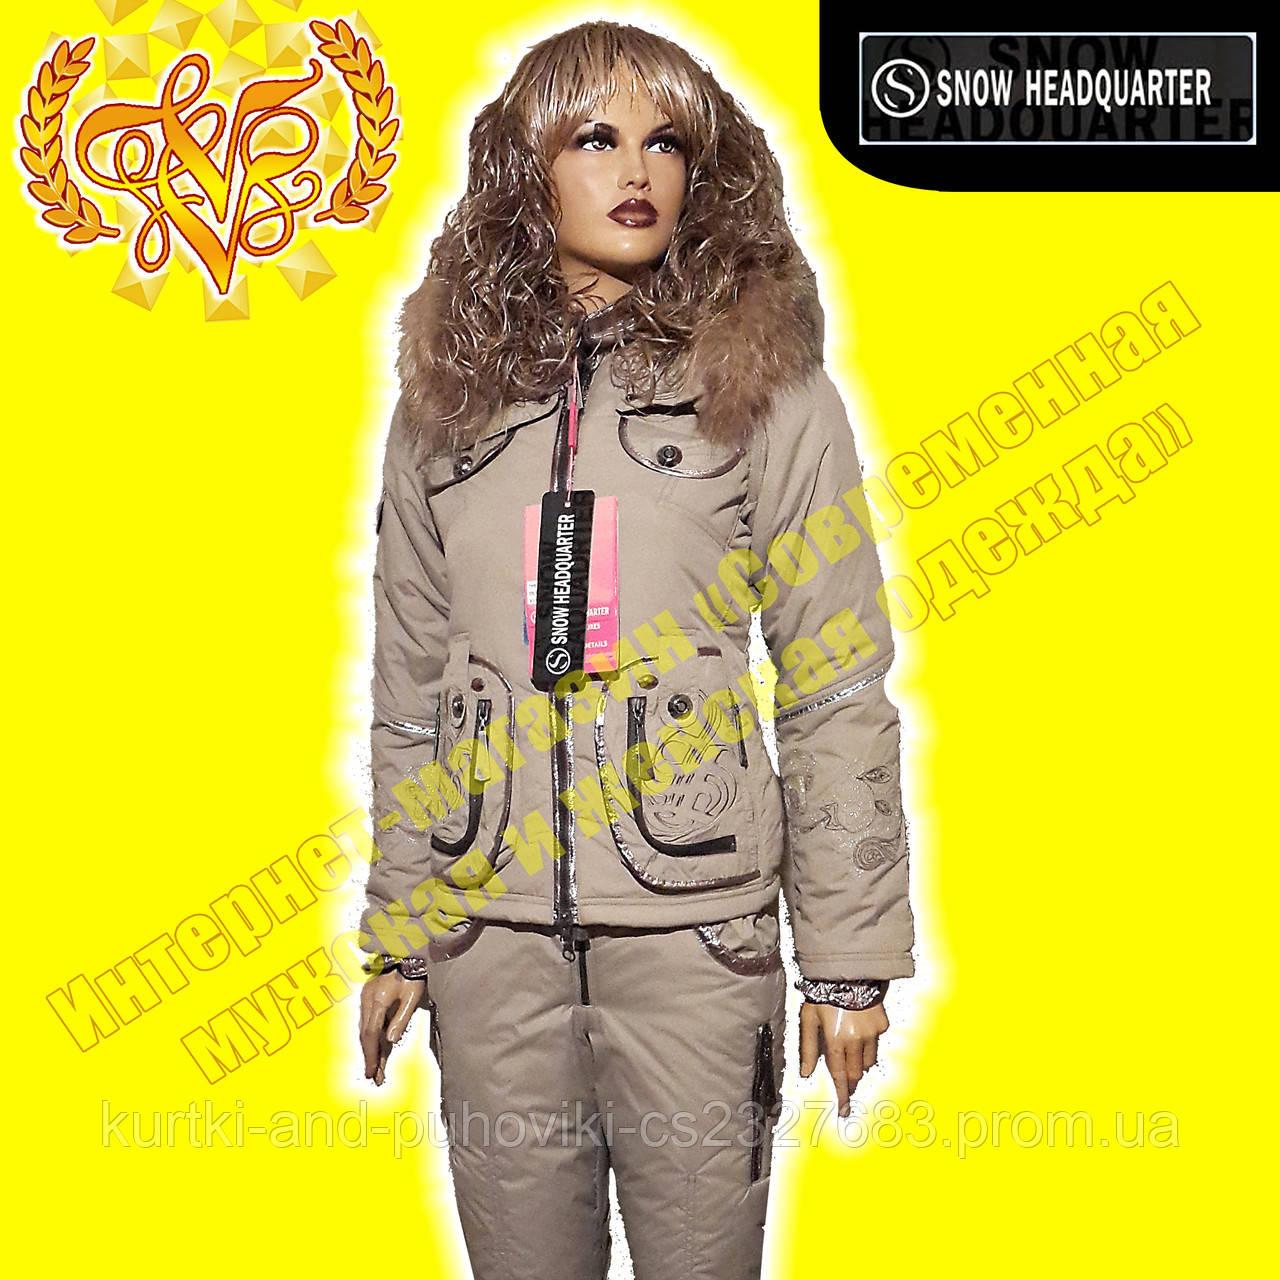 Женский прогулочный горнолыжный костюм SNOW HEADQUARTER Beige -  Интернет-магазин «Современная мужская и женская 826b837bdcaf1